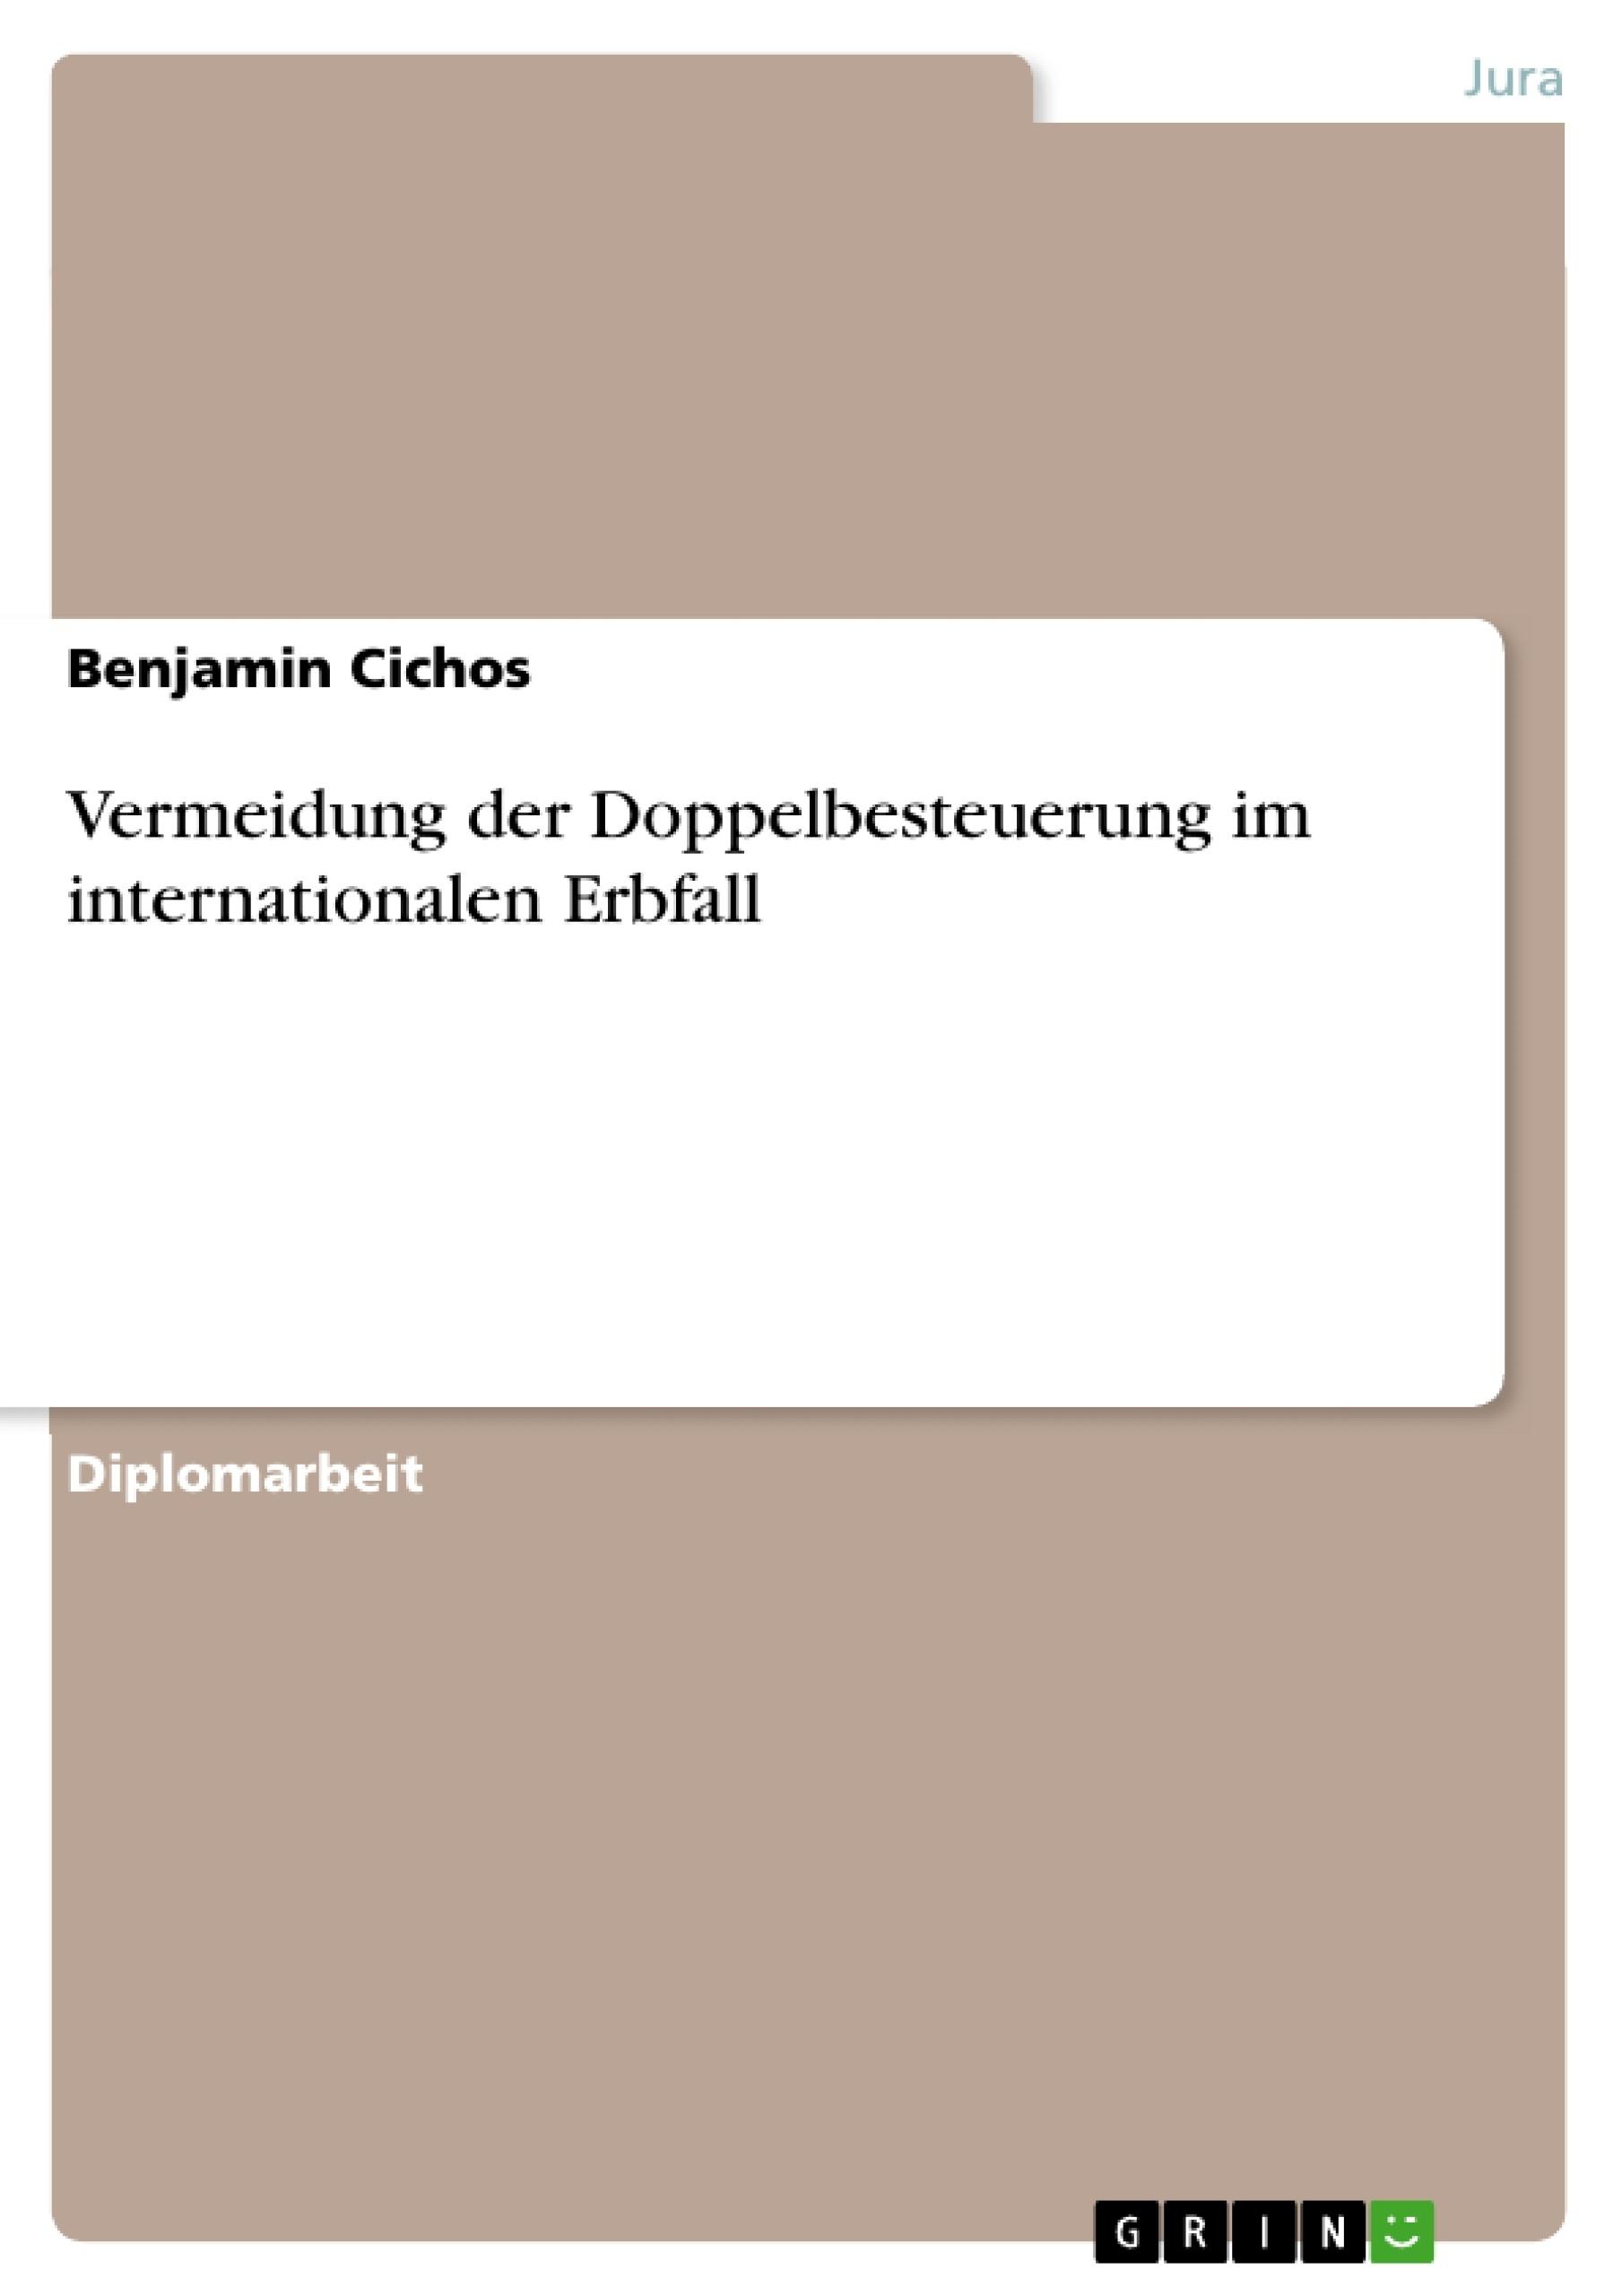 Titel: Vermeidung der Doppelbesteuerung im internationalen Erbfall